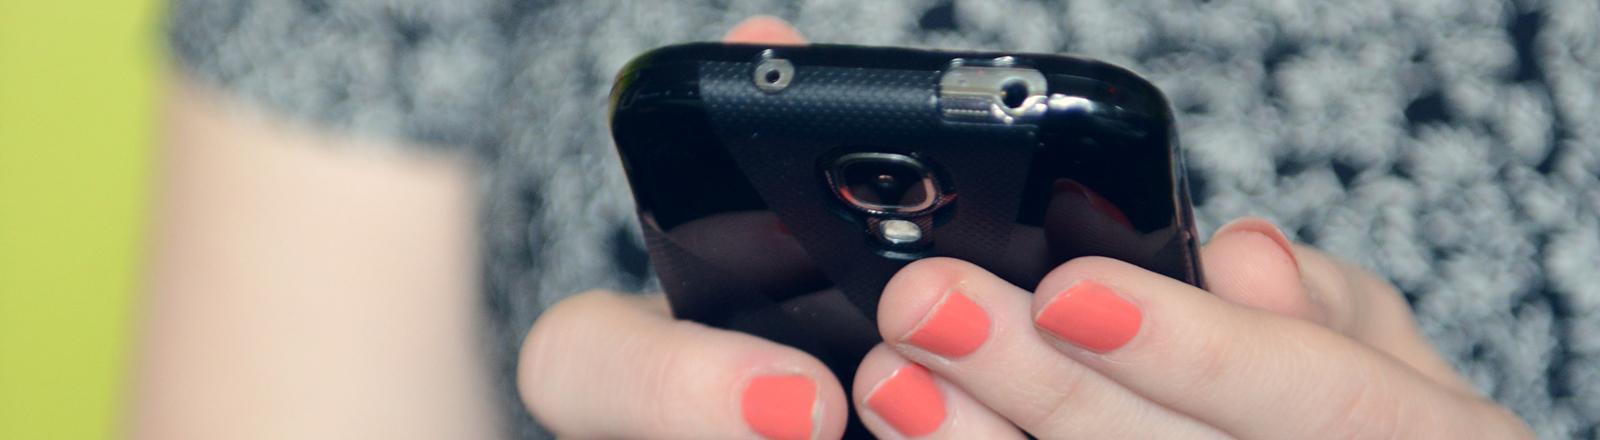 Eine Frau hält ein Smartphone in den Händen.